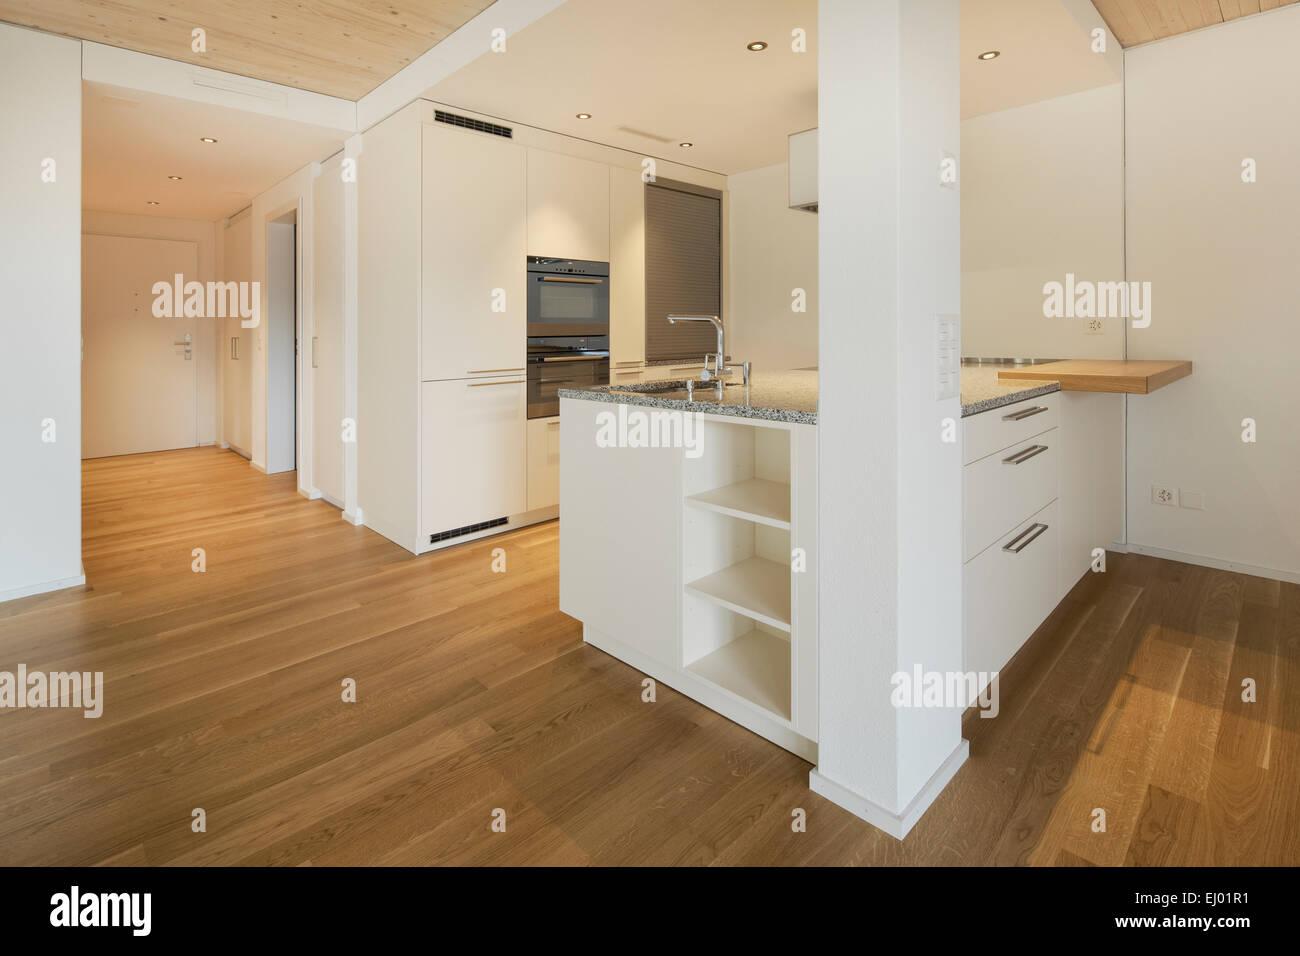 Architektur, Chromstahl, Haus, Haus, Holz, Inneneinrichtung ...